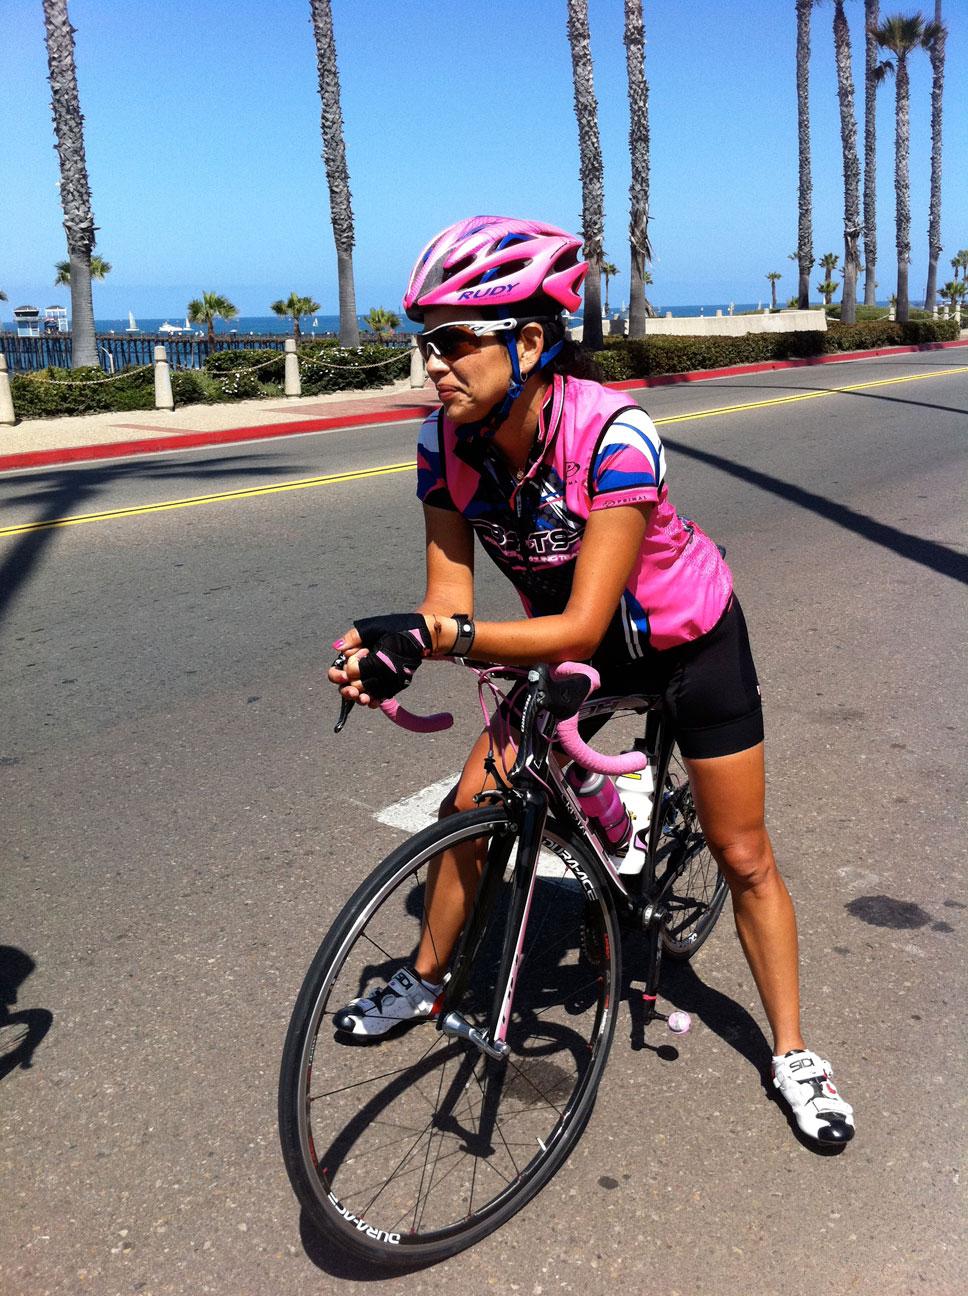 Le vélo pourrait nuire aux performances sexuelles. Voyons pourquoi...